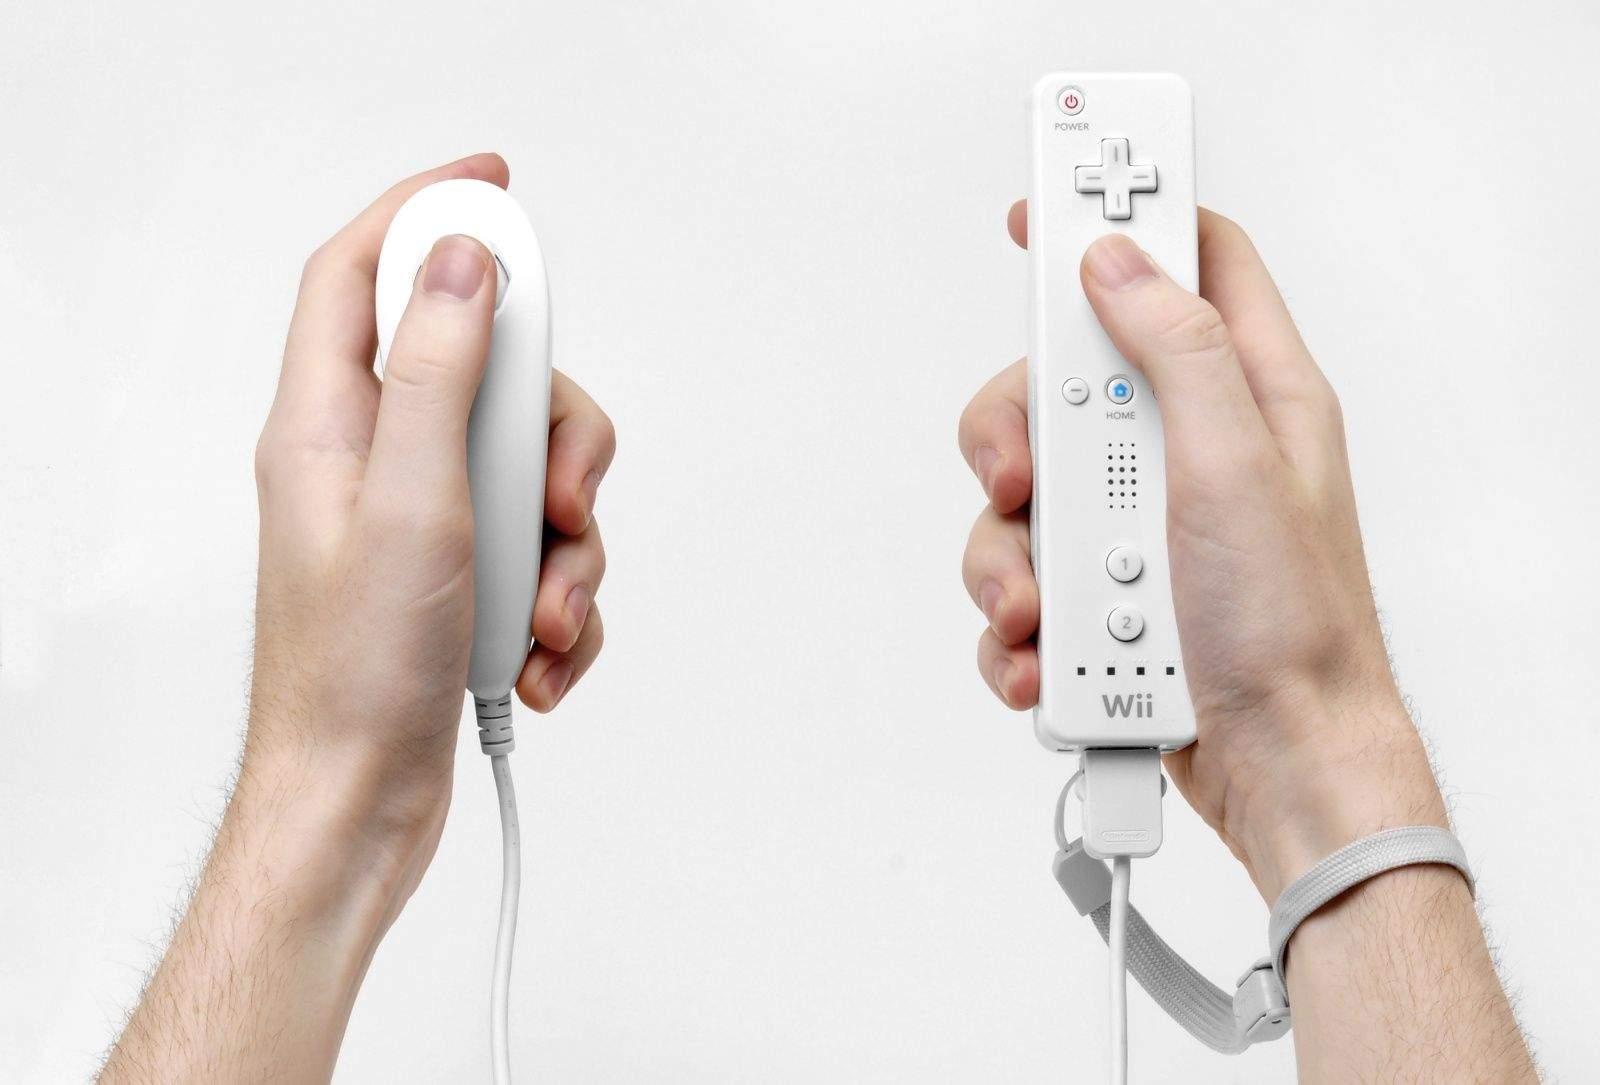 Wiimote-in-Hands